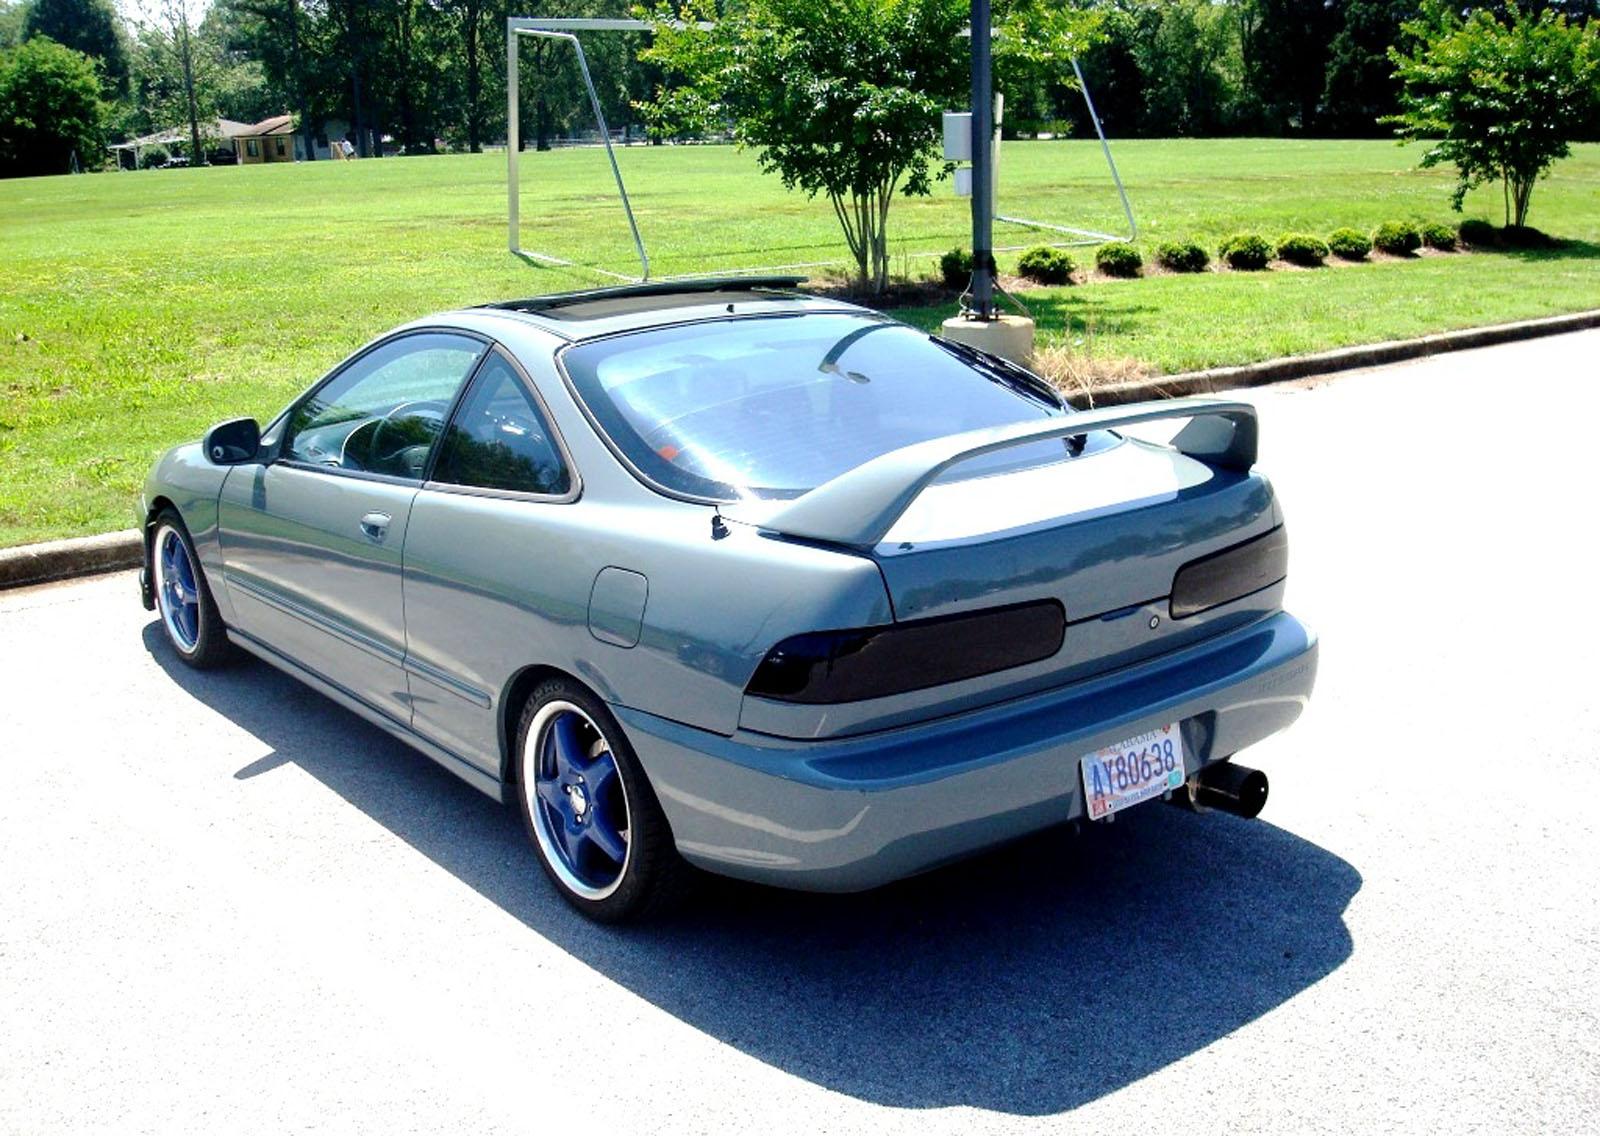 1995 Acura JDM Car [Integra] GSR For Sale   Huntsville Alabama